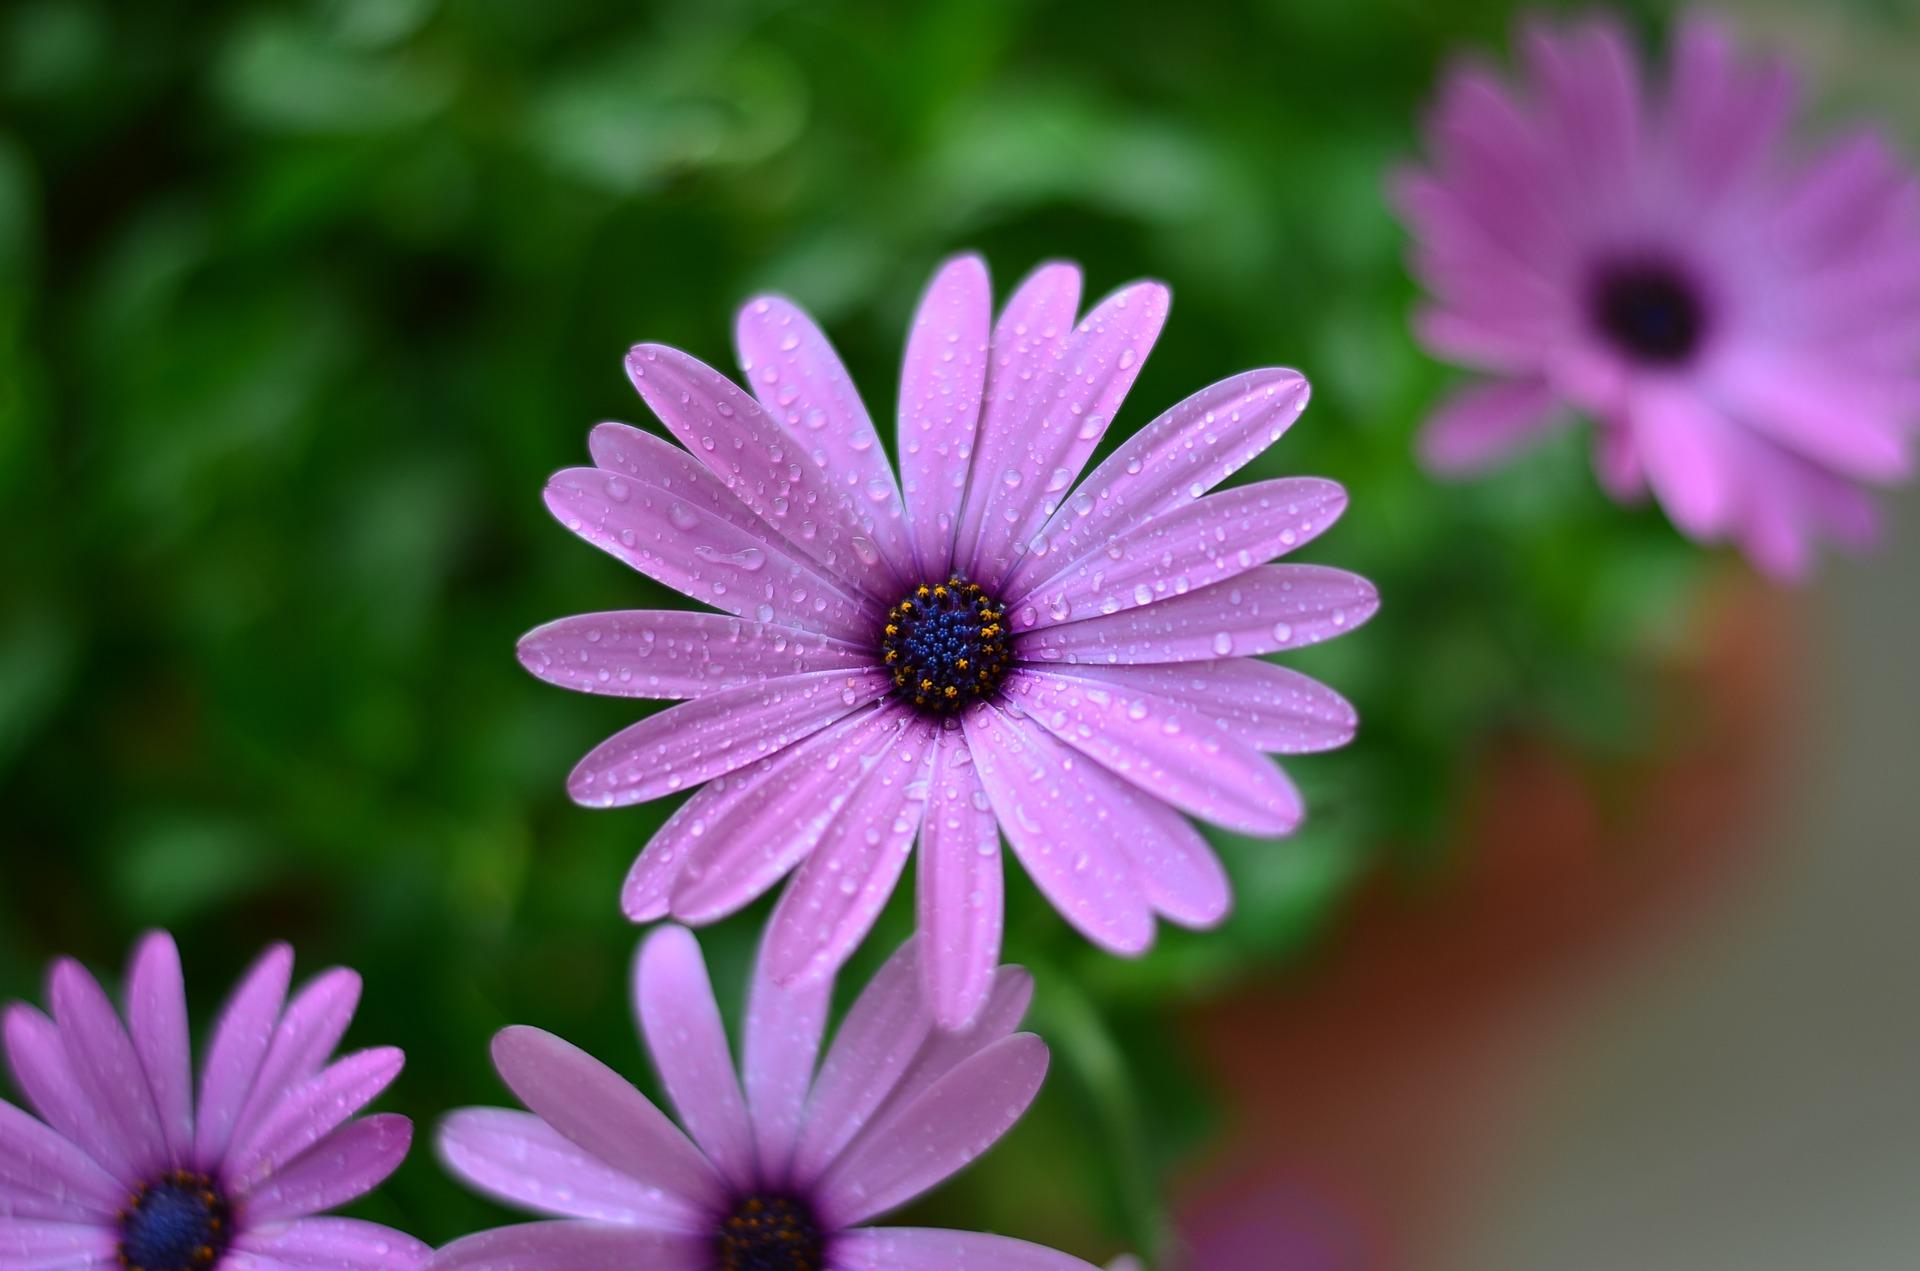 flower-2421257_1920.jpg